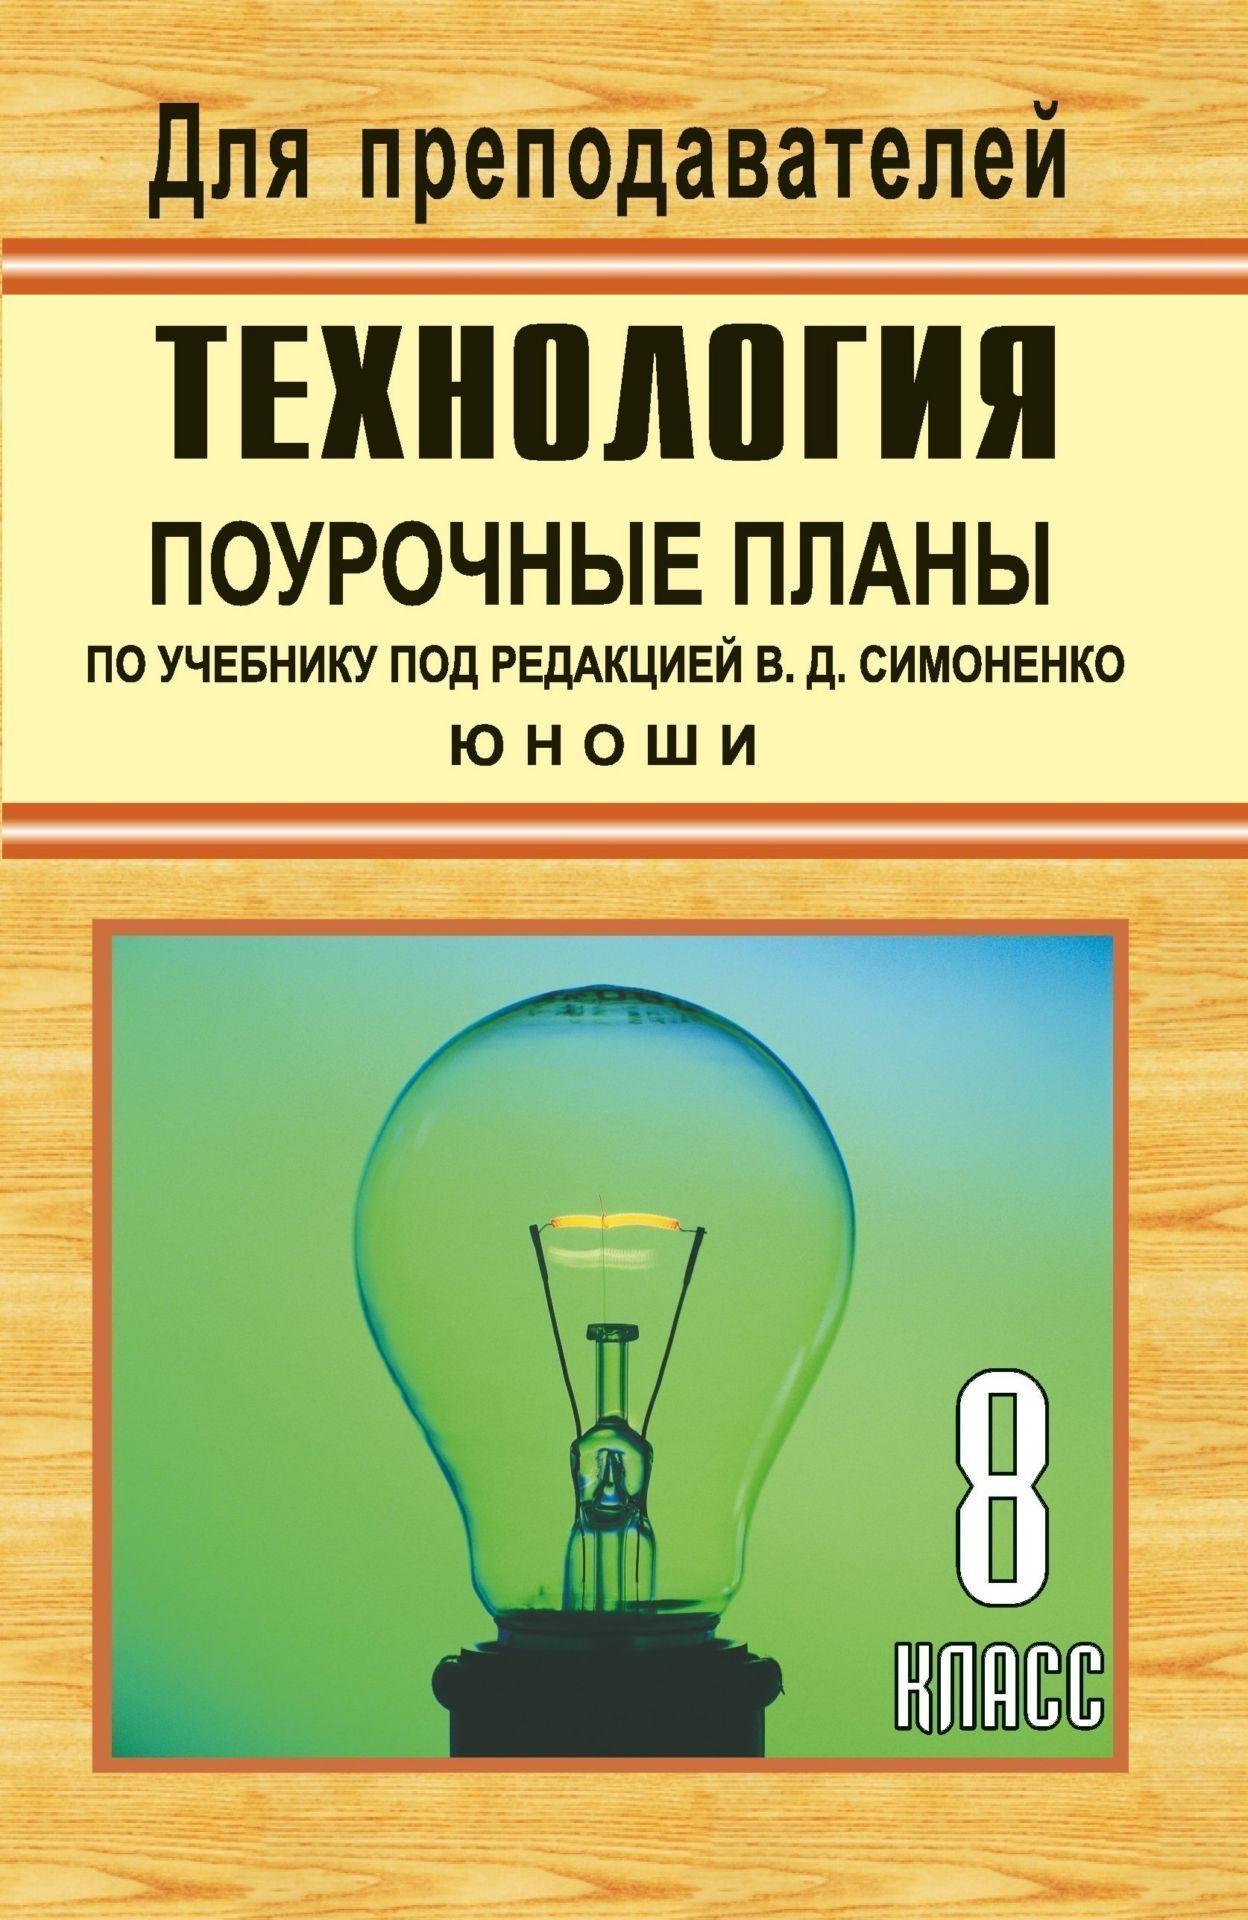 Технологи. 8 кл. (ноши). Поурочные планы по уч. под ред. В. Д. СимоненкоПредметы<br>В данном пособии даетс тематическое и поурочное планирование по технологии в 8 классе по учебнику под редакцией В. Д. Симоненко (ноши). Планы уроков составлены в соответствии с главной задачей курса: сформировать знани, а на их основе практические умен...<br><br>Авторы: Засдько Ю. П.<br>Год: 2007<br>Сери: Дл преподавателей<br>ISBN: 5-7057-0739-8<br>Высота: 213<br>Ширина: 138<br>Толщина: 6